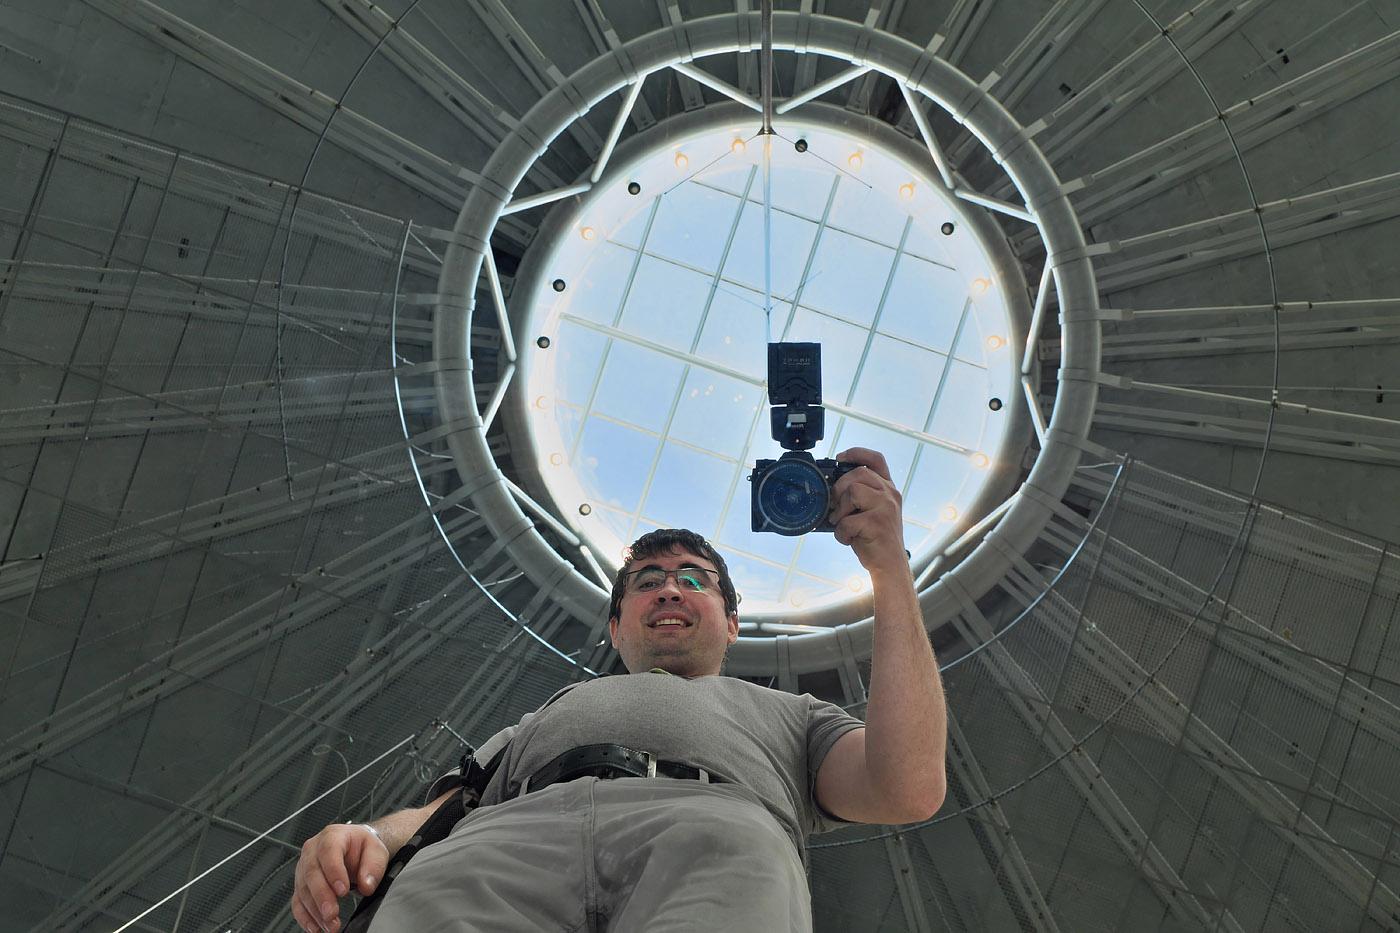 2. Счастливый владелец камеры Fujifilm X-T2 с объективом Fujifilm XF 16-55mm f/2.8 и внешней вспышкой Nissin i40. Настройки: выдержка 1/80 сек., экспокоррекция 0EV, f/6.4, ISO 1600, вспышка не сработала, фокусное расстояние 24,2 мм.